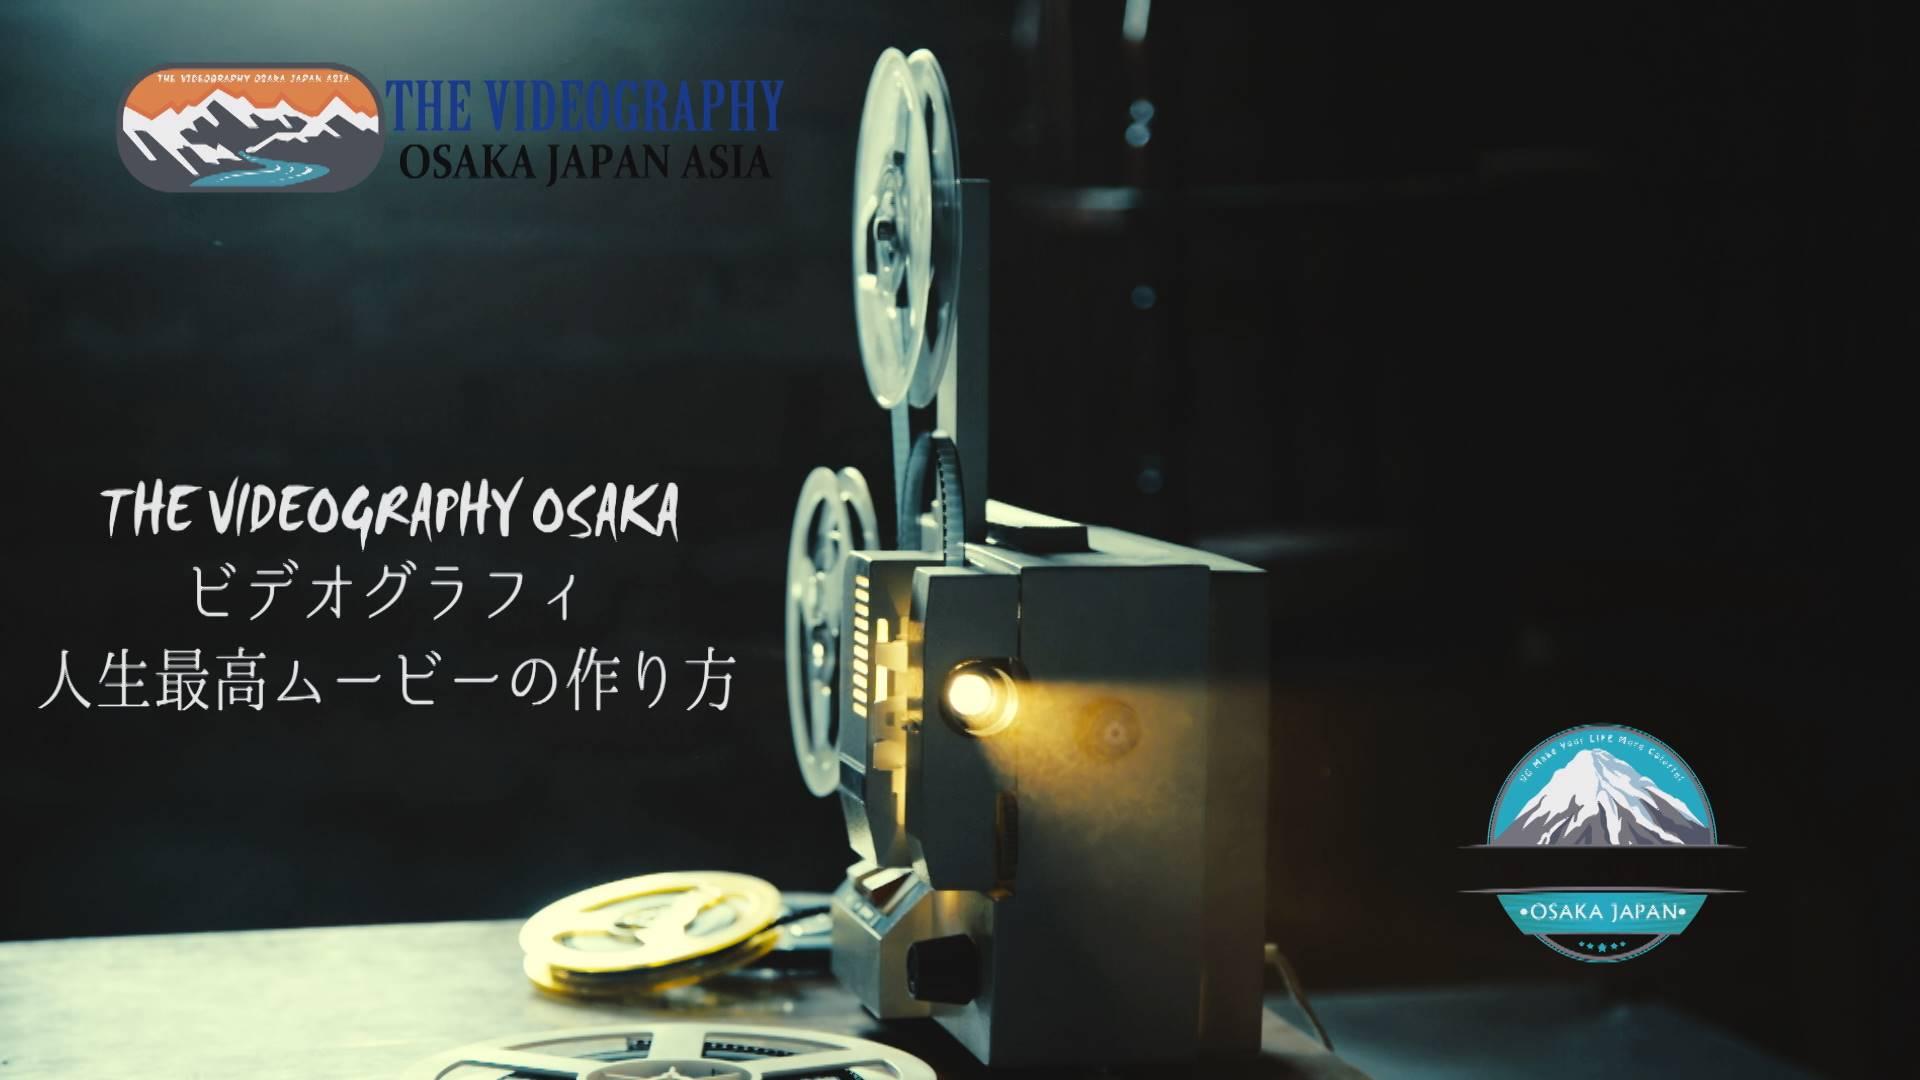 遺言ビデオ… Life Extension Movie